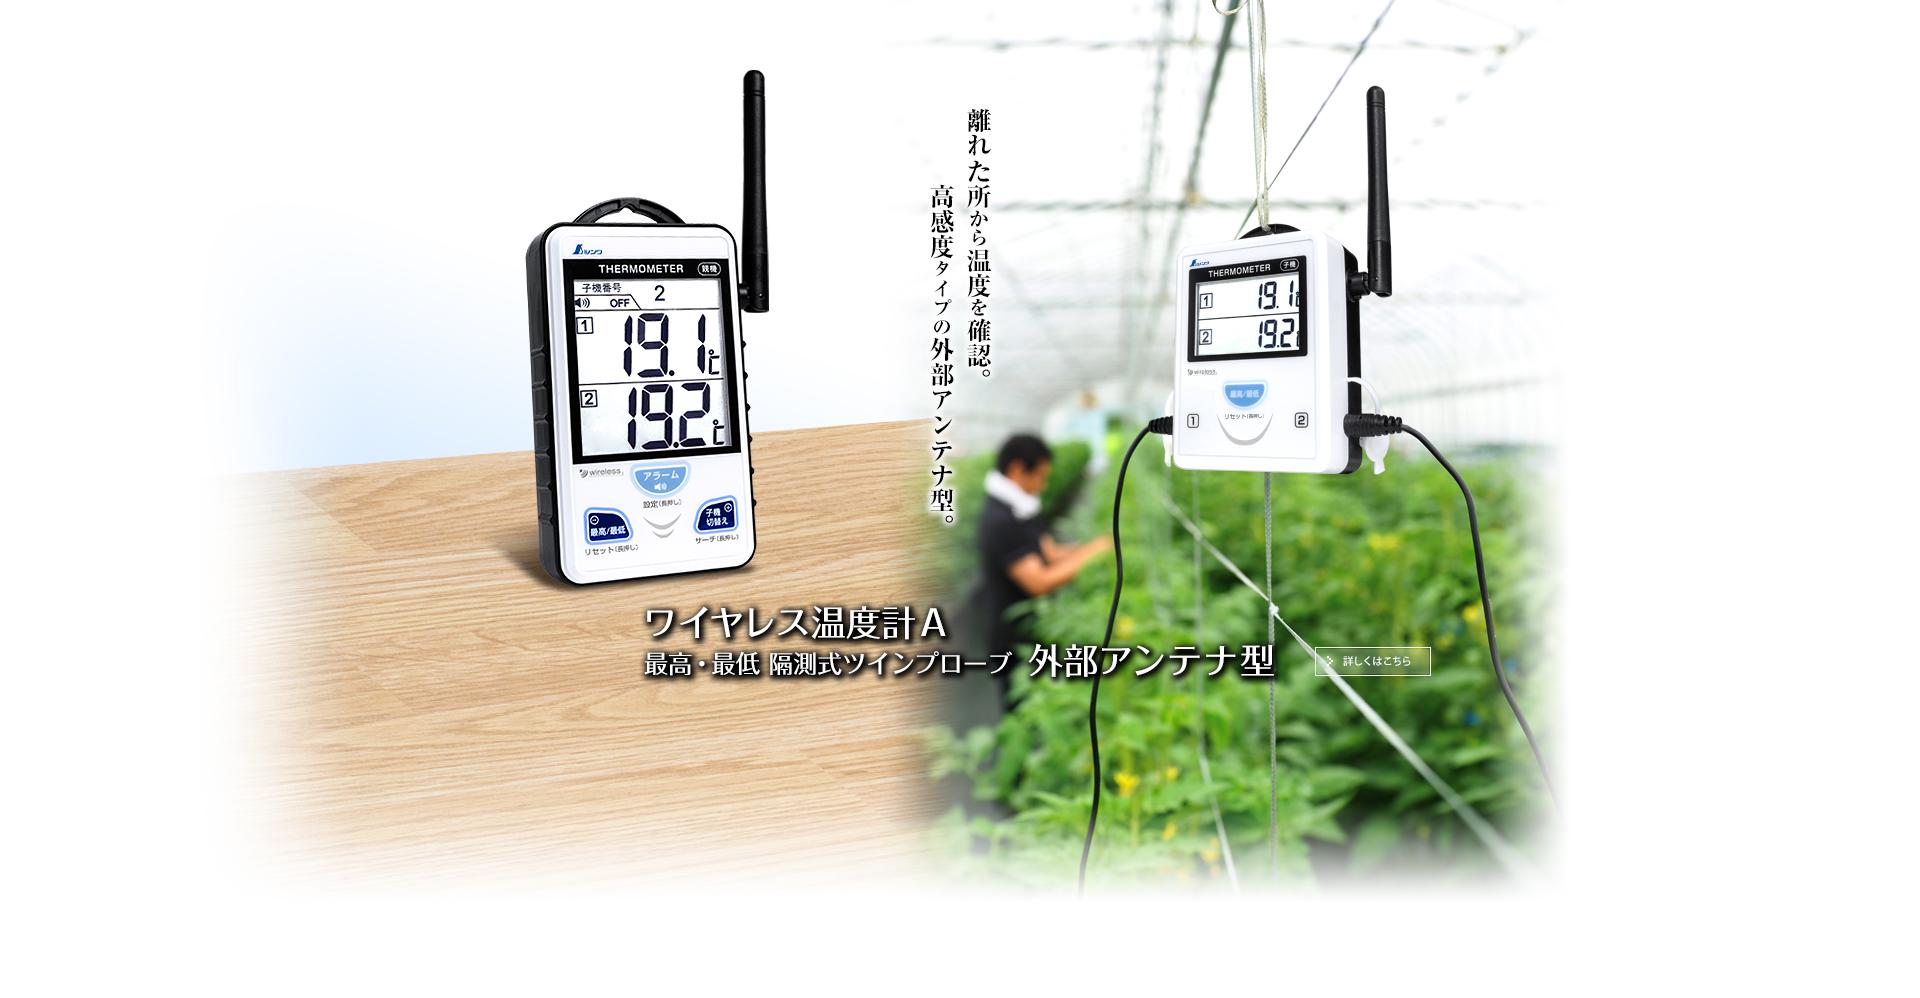 ワイヤレス温度計A外部アンテナ型